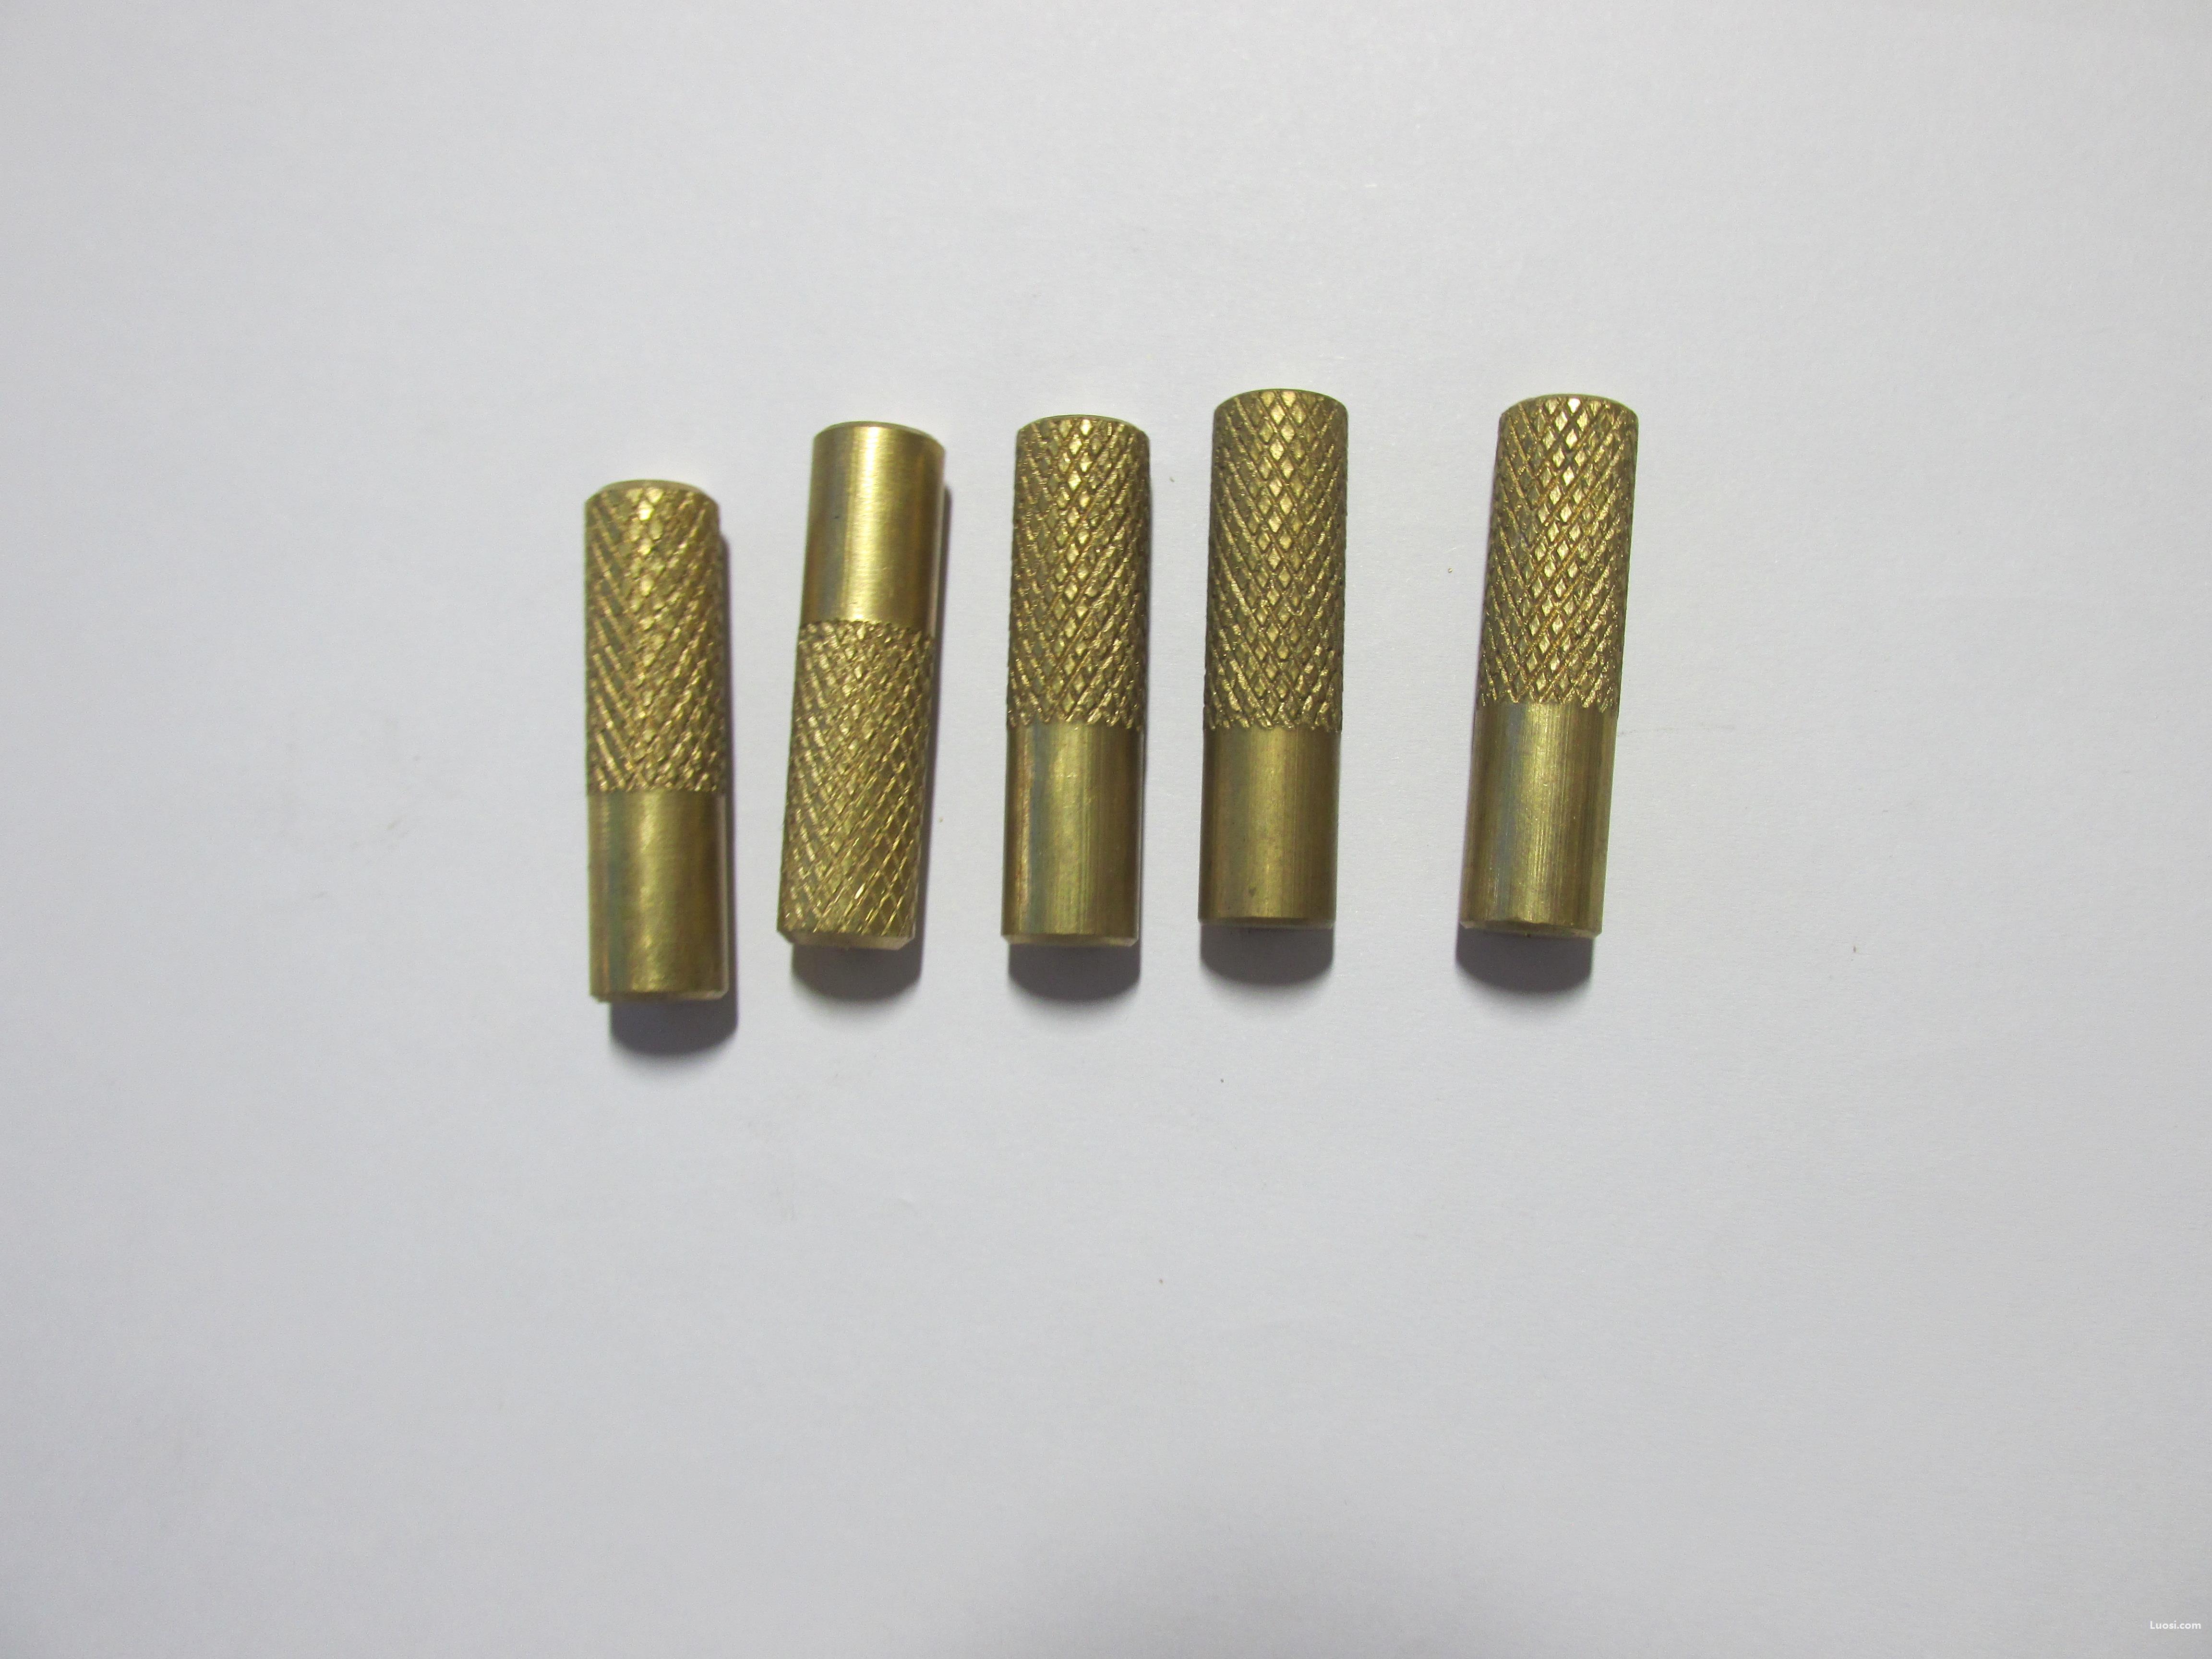 专业生产DIN 7 铜圆柱销(d h8)1000只批订,量大价优。